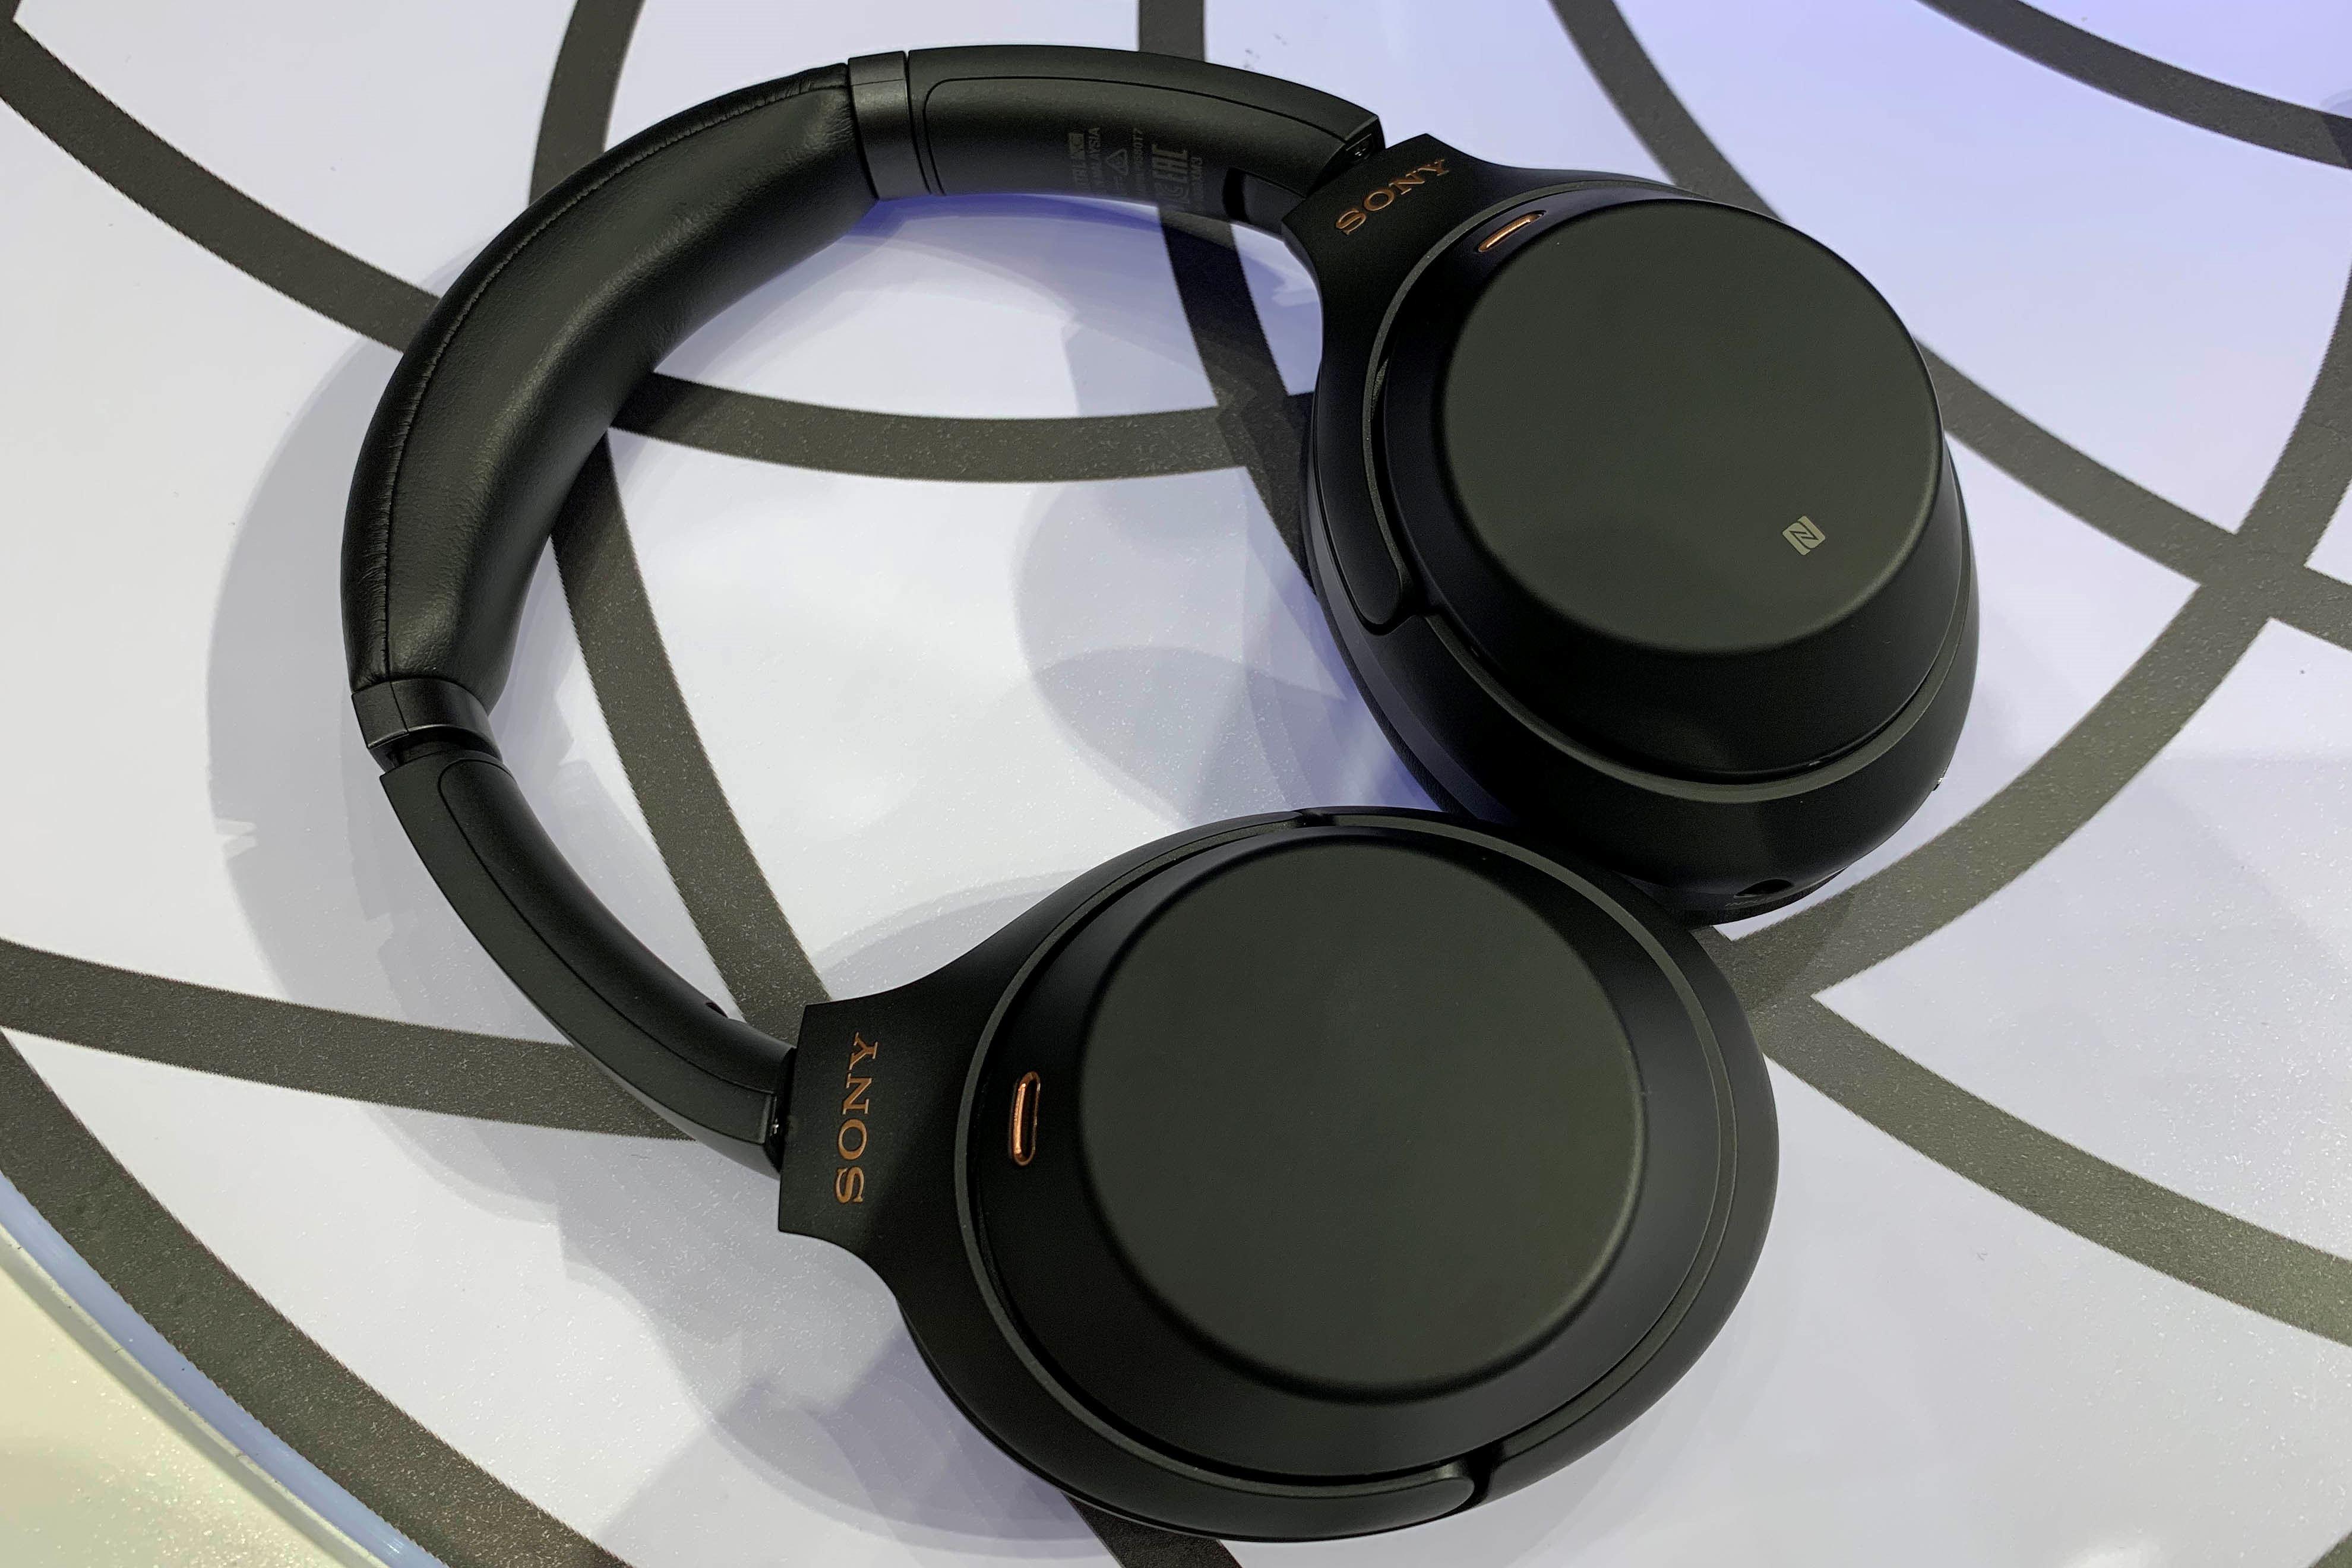 Sony ra mắt tai nghe chống ồn WH-1000XM3 tại Việt Nam, giá 8.490.000 VND Ảnh 2